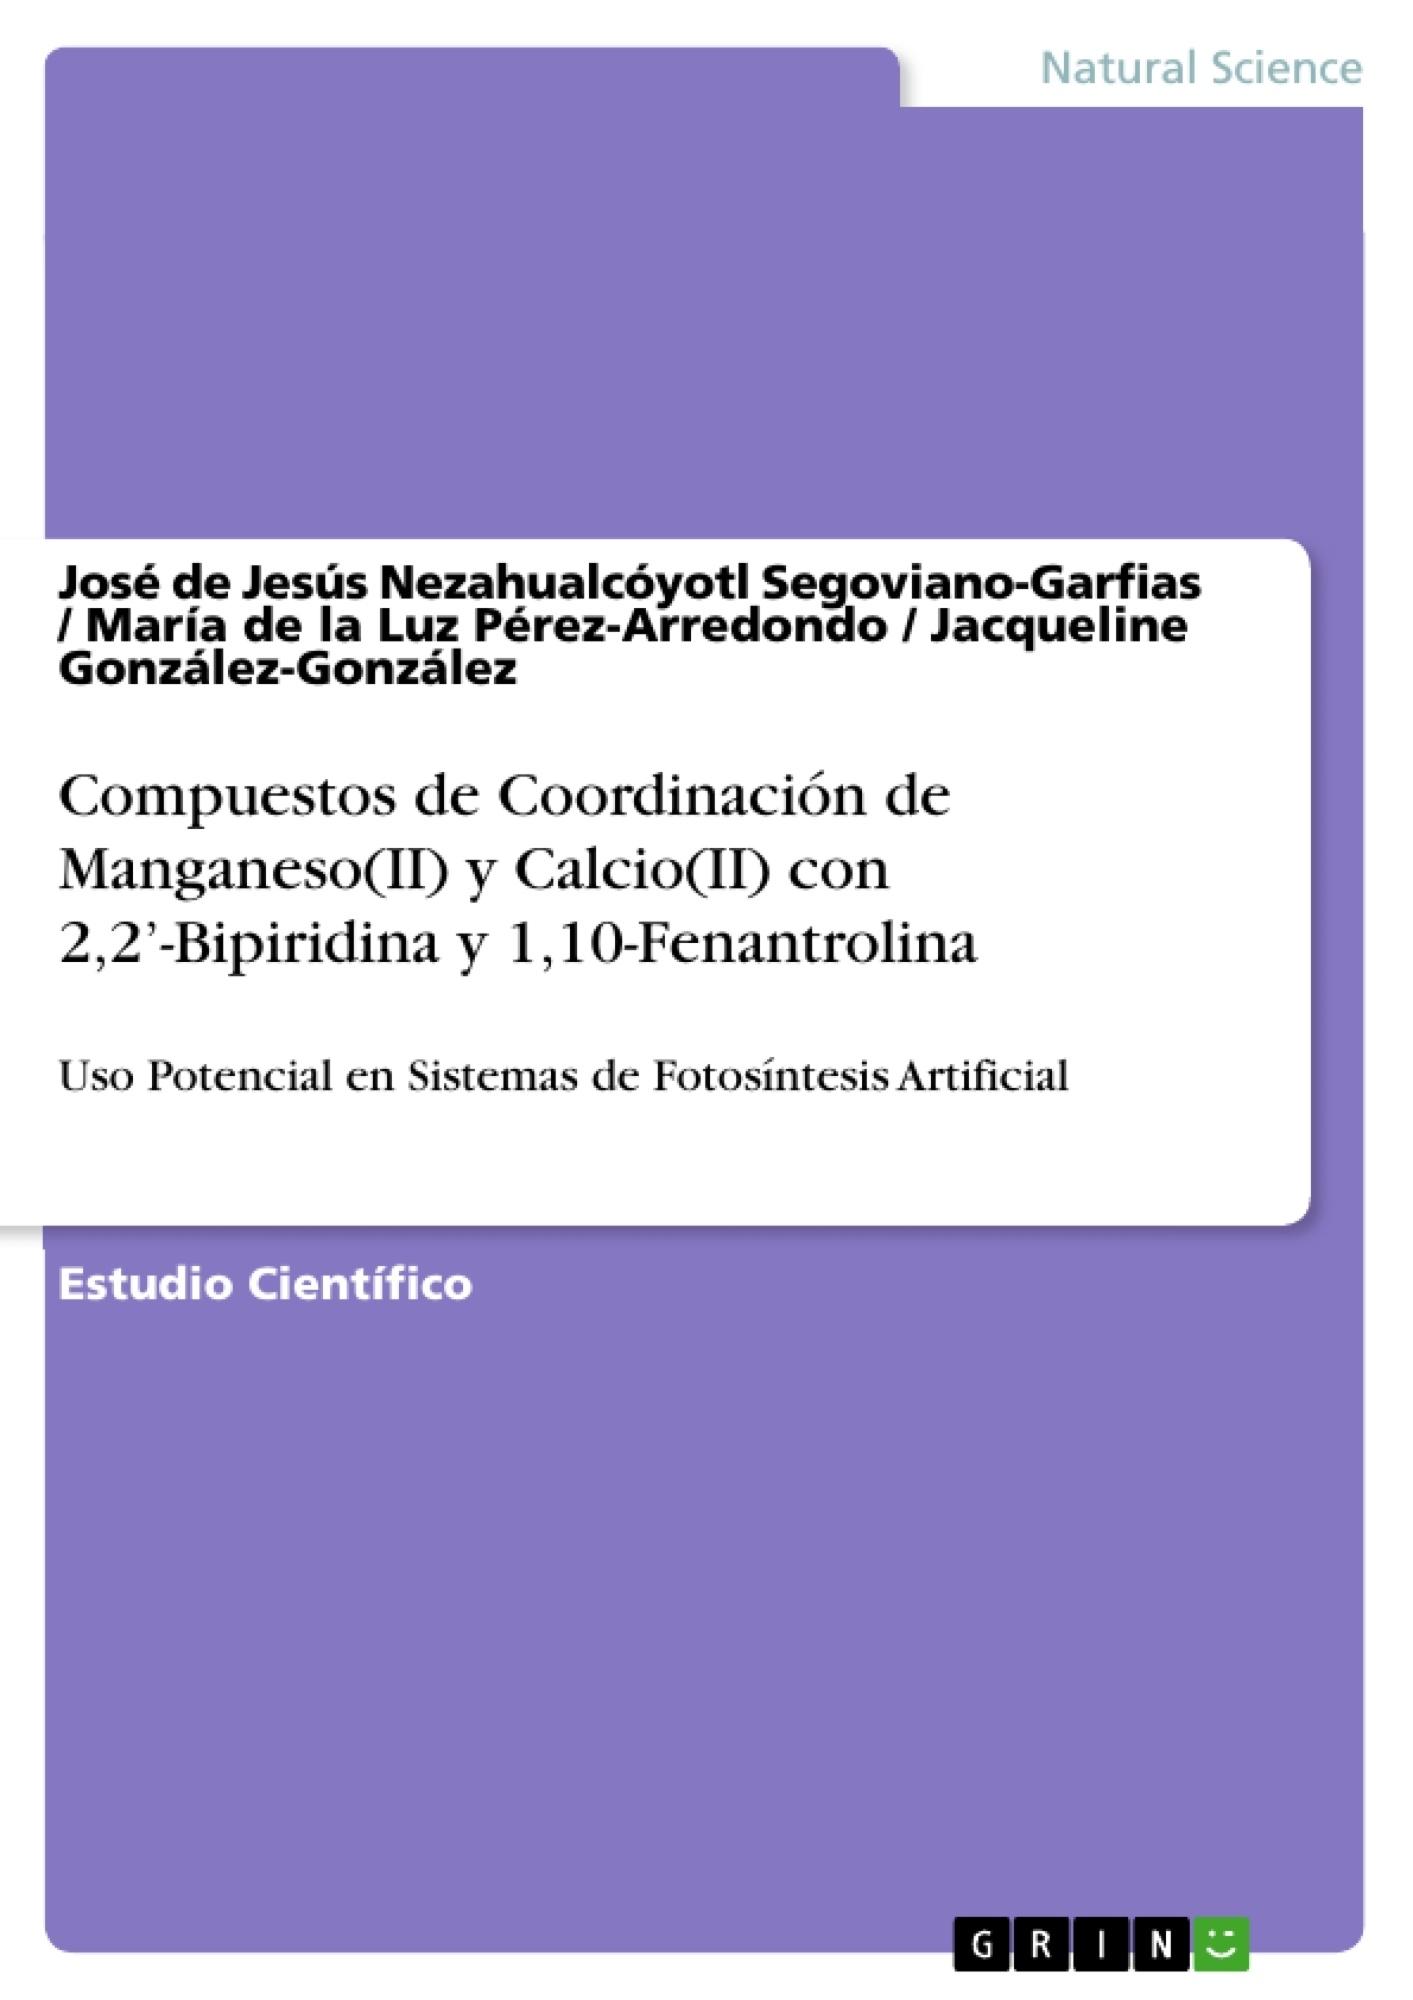 Título: Compuestos de Coordinación de Manganeso(II) y Calcio(II) con 2,2'-Bipiridina y 1,10-Fenantrolina para su Uso Potencial en Sistemas de Fotosíntesis Artificial